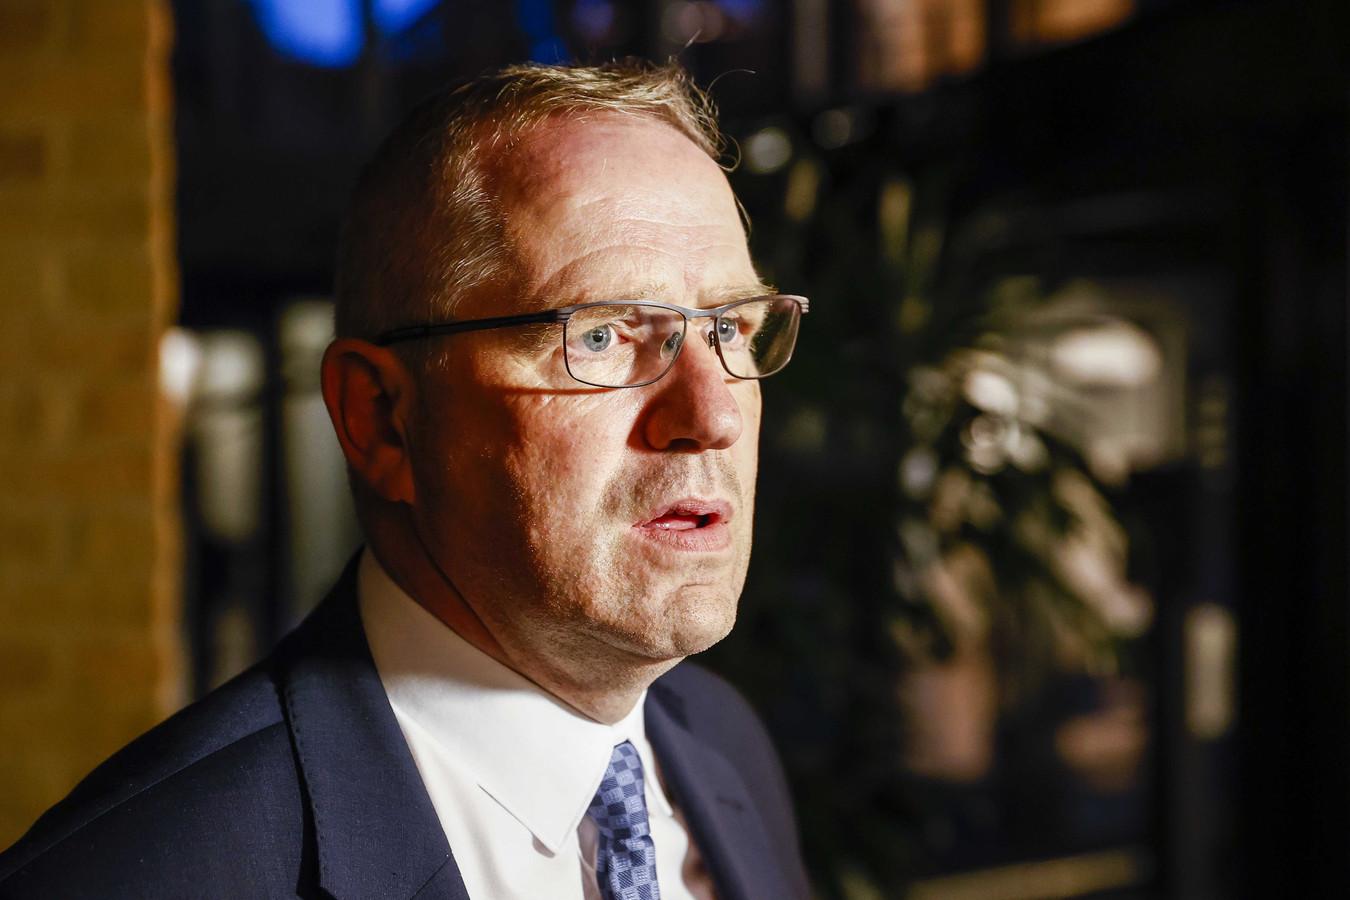 De dinsdagavond na een vernietigend integriteitsonderzoek opgestapte SGP-wethouder Geert Post.